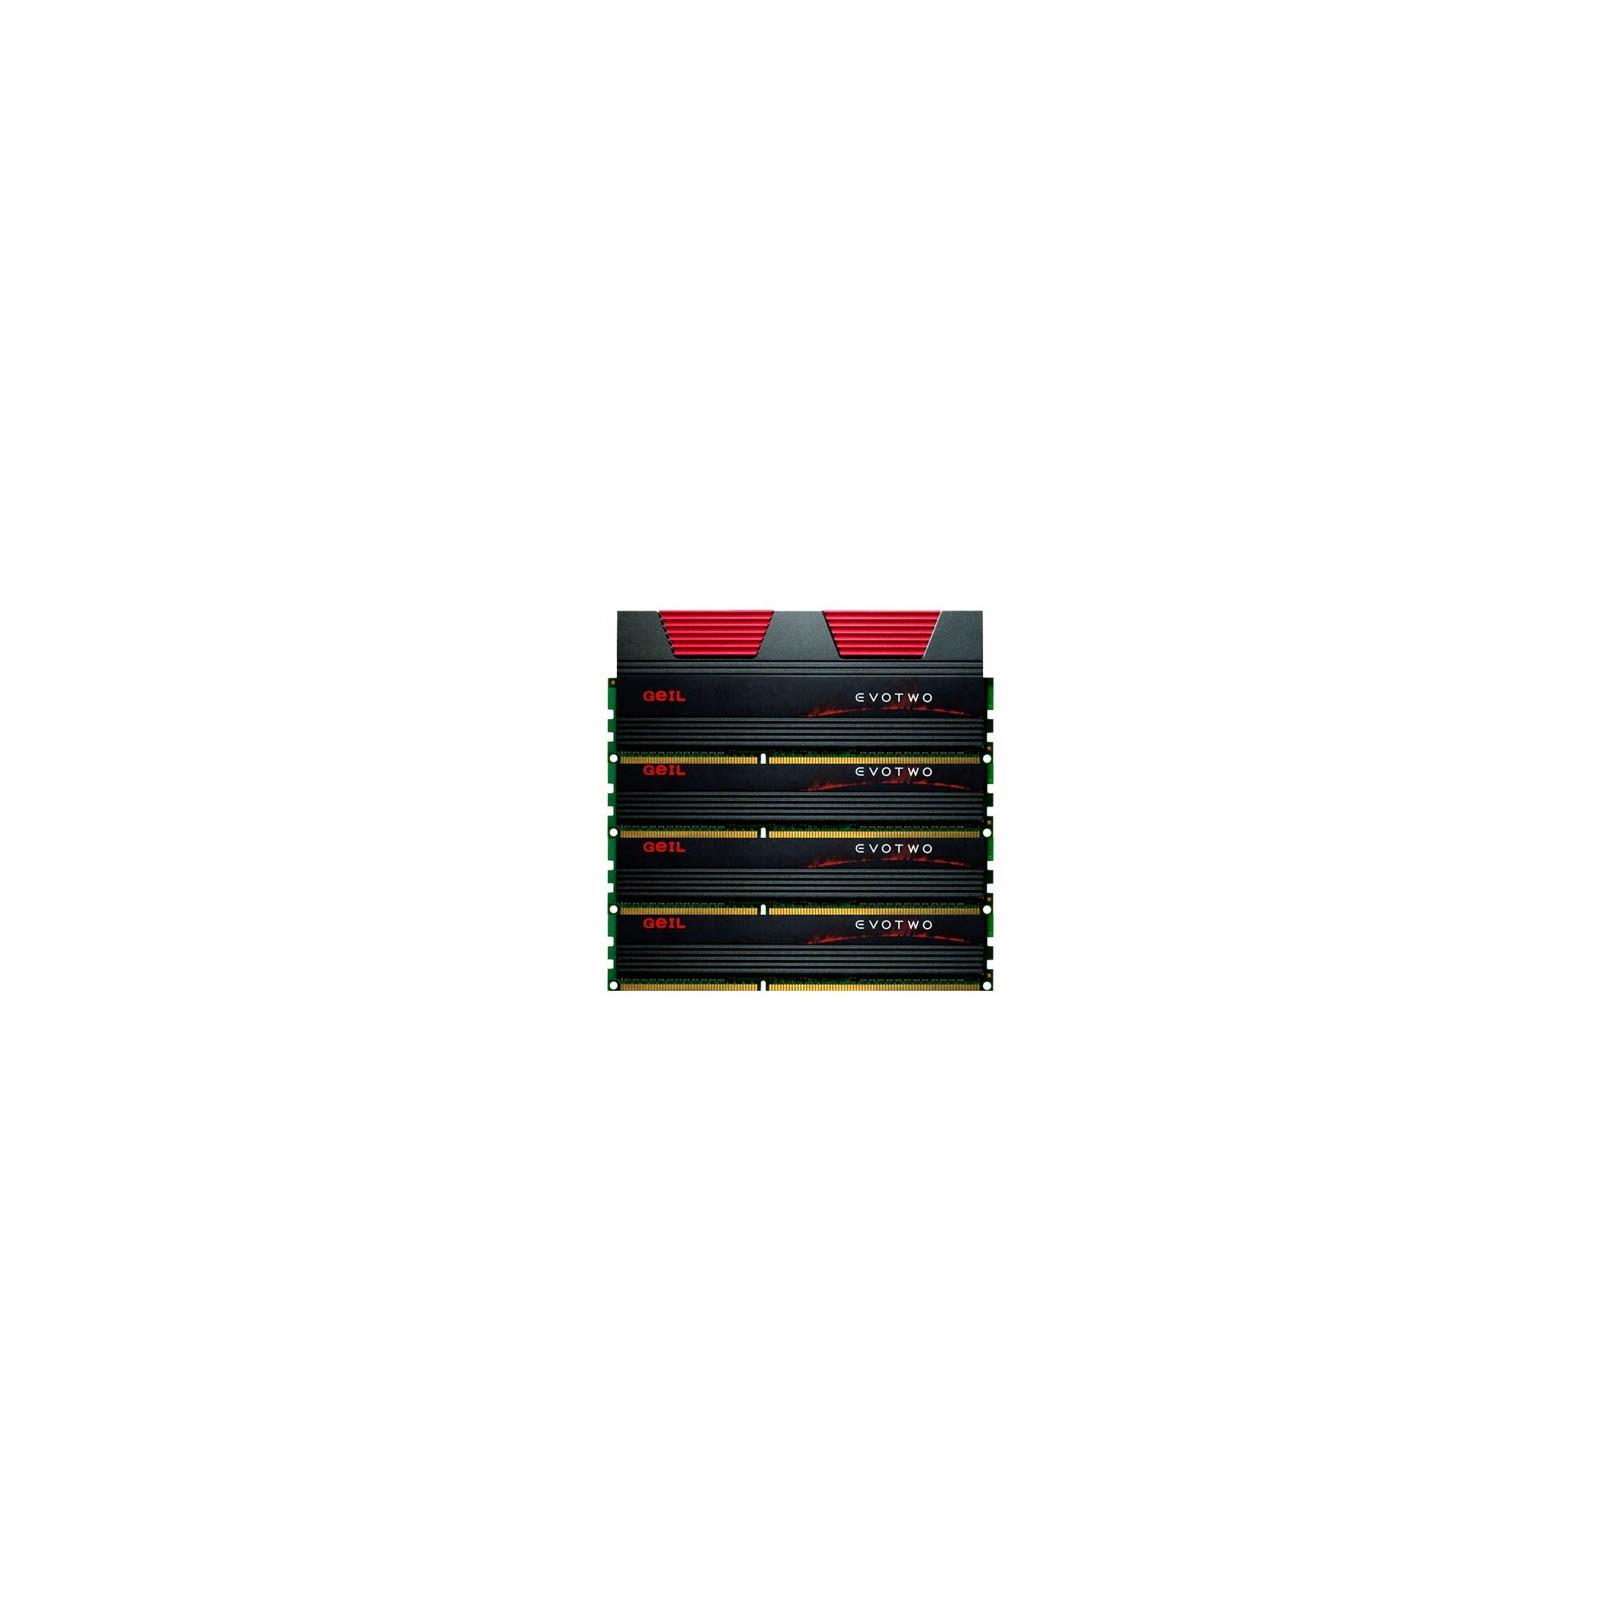 Модуль памяти для компьютера DDR3 16GB (4x4GB) 1866 MHz GEIL (GET316GB1866C10QC)